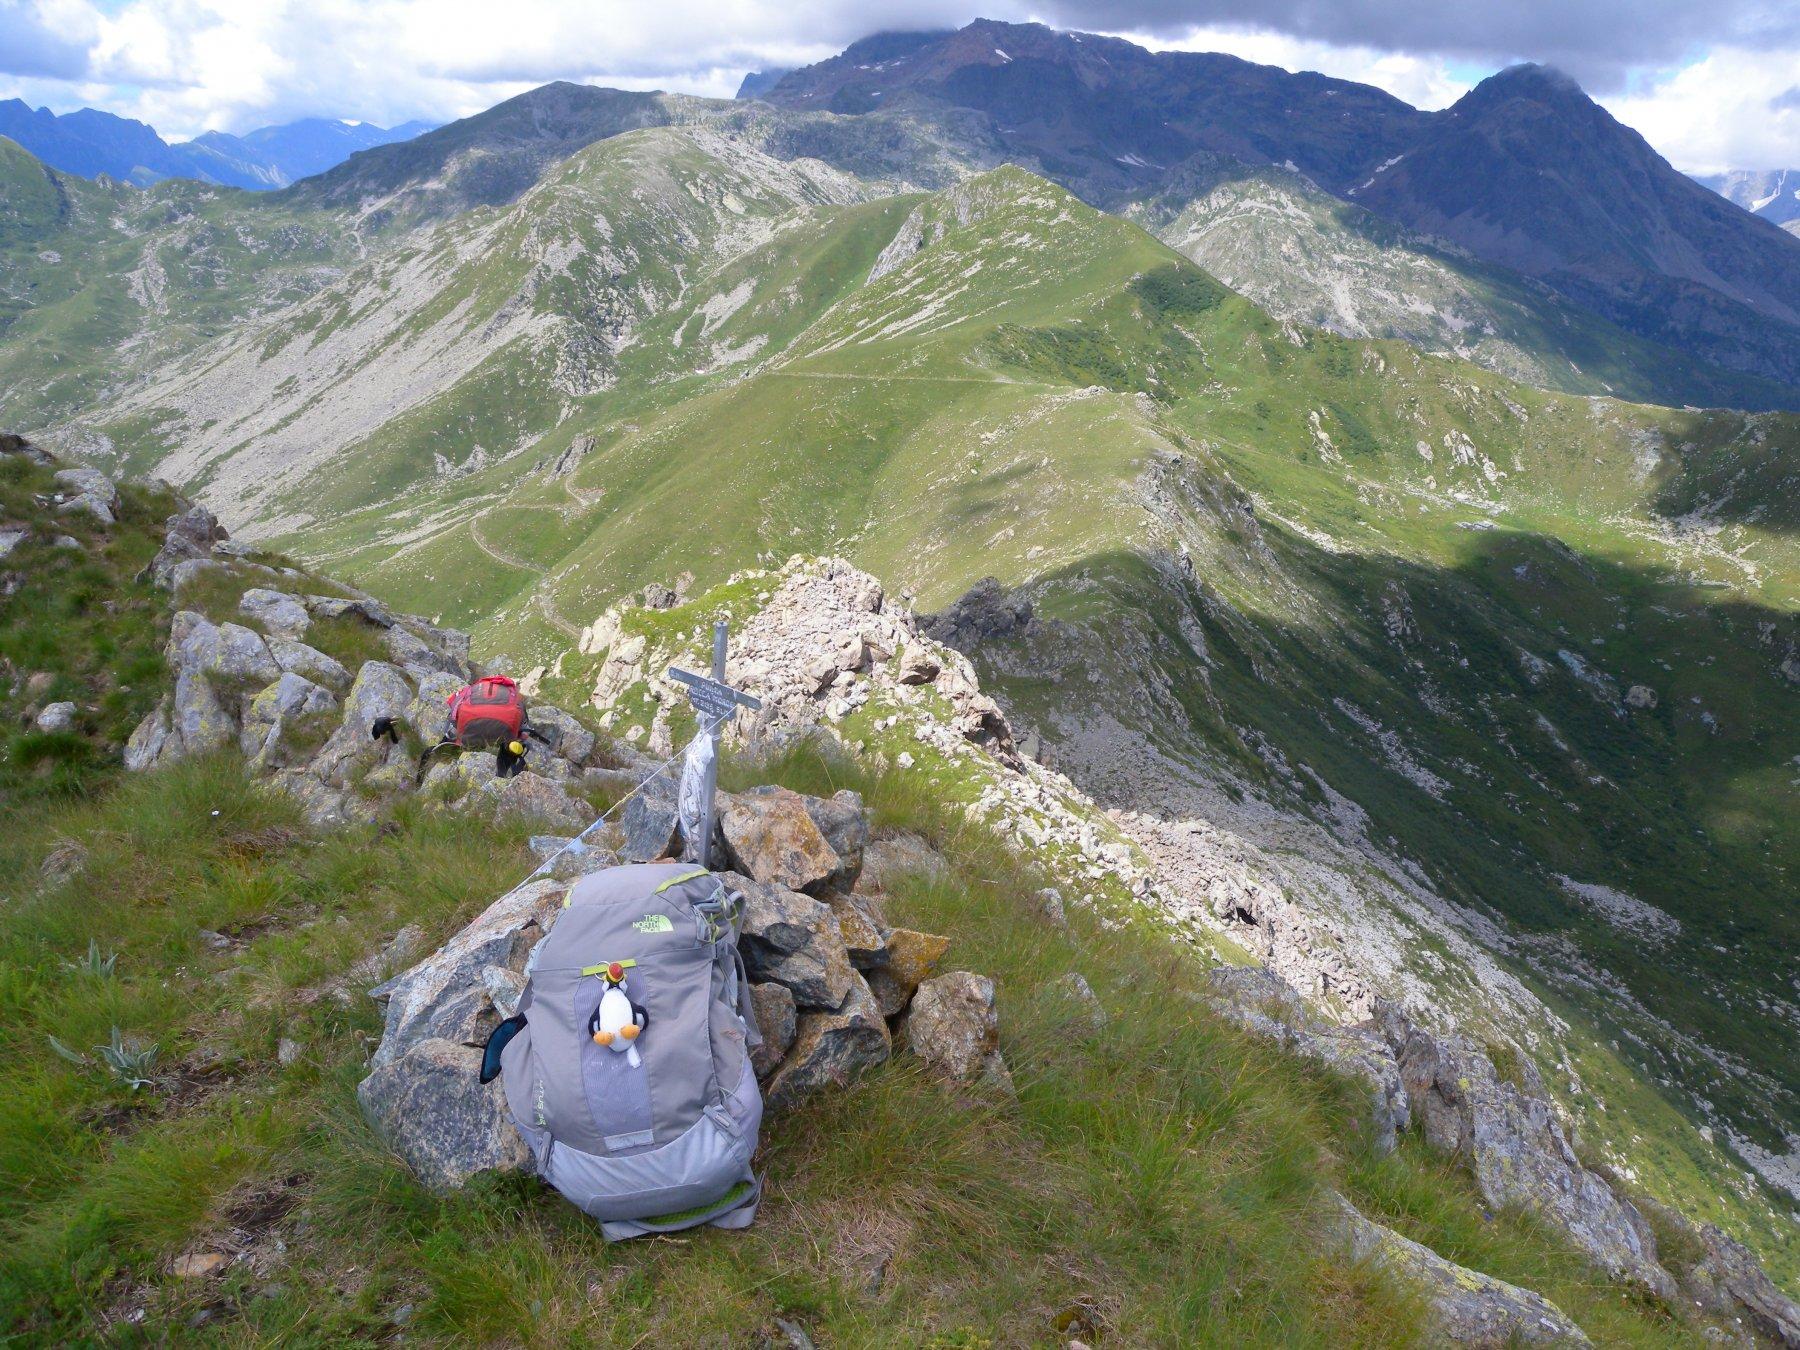 Moross (Rocca) dall'Alpe Bianca per il Colle Pian Fum 2018-07-22